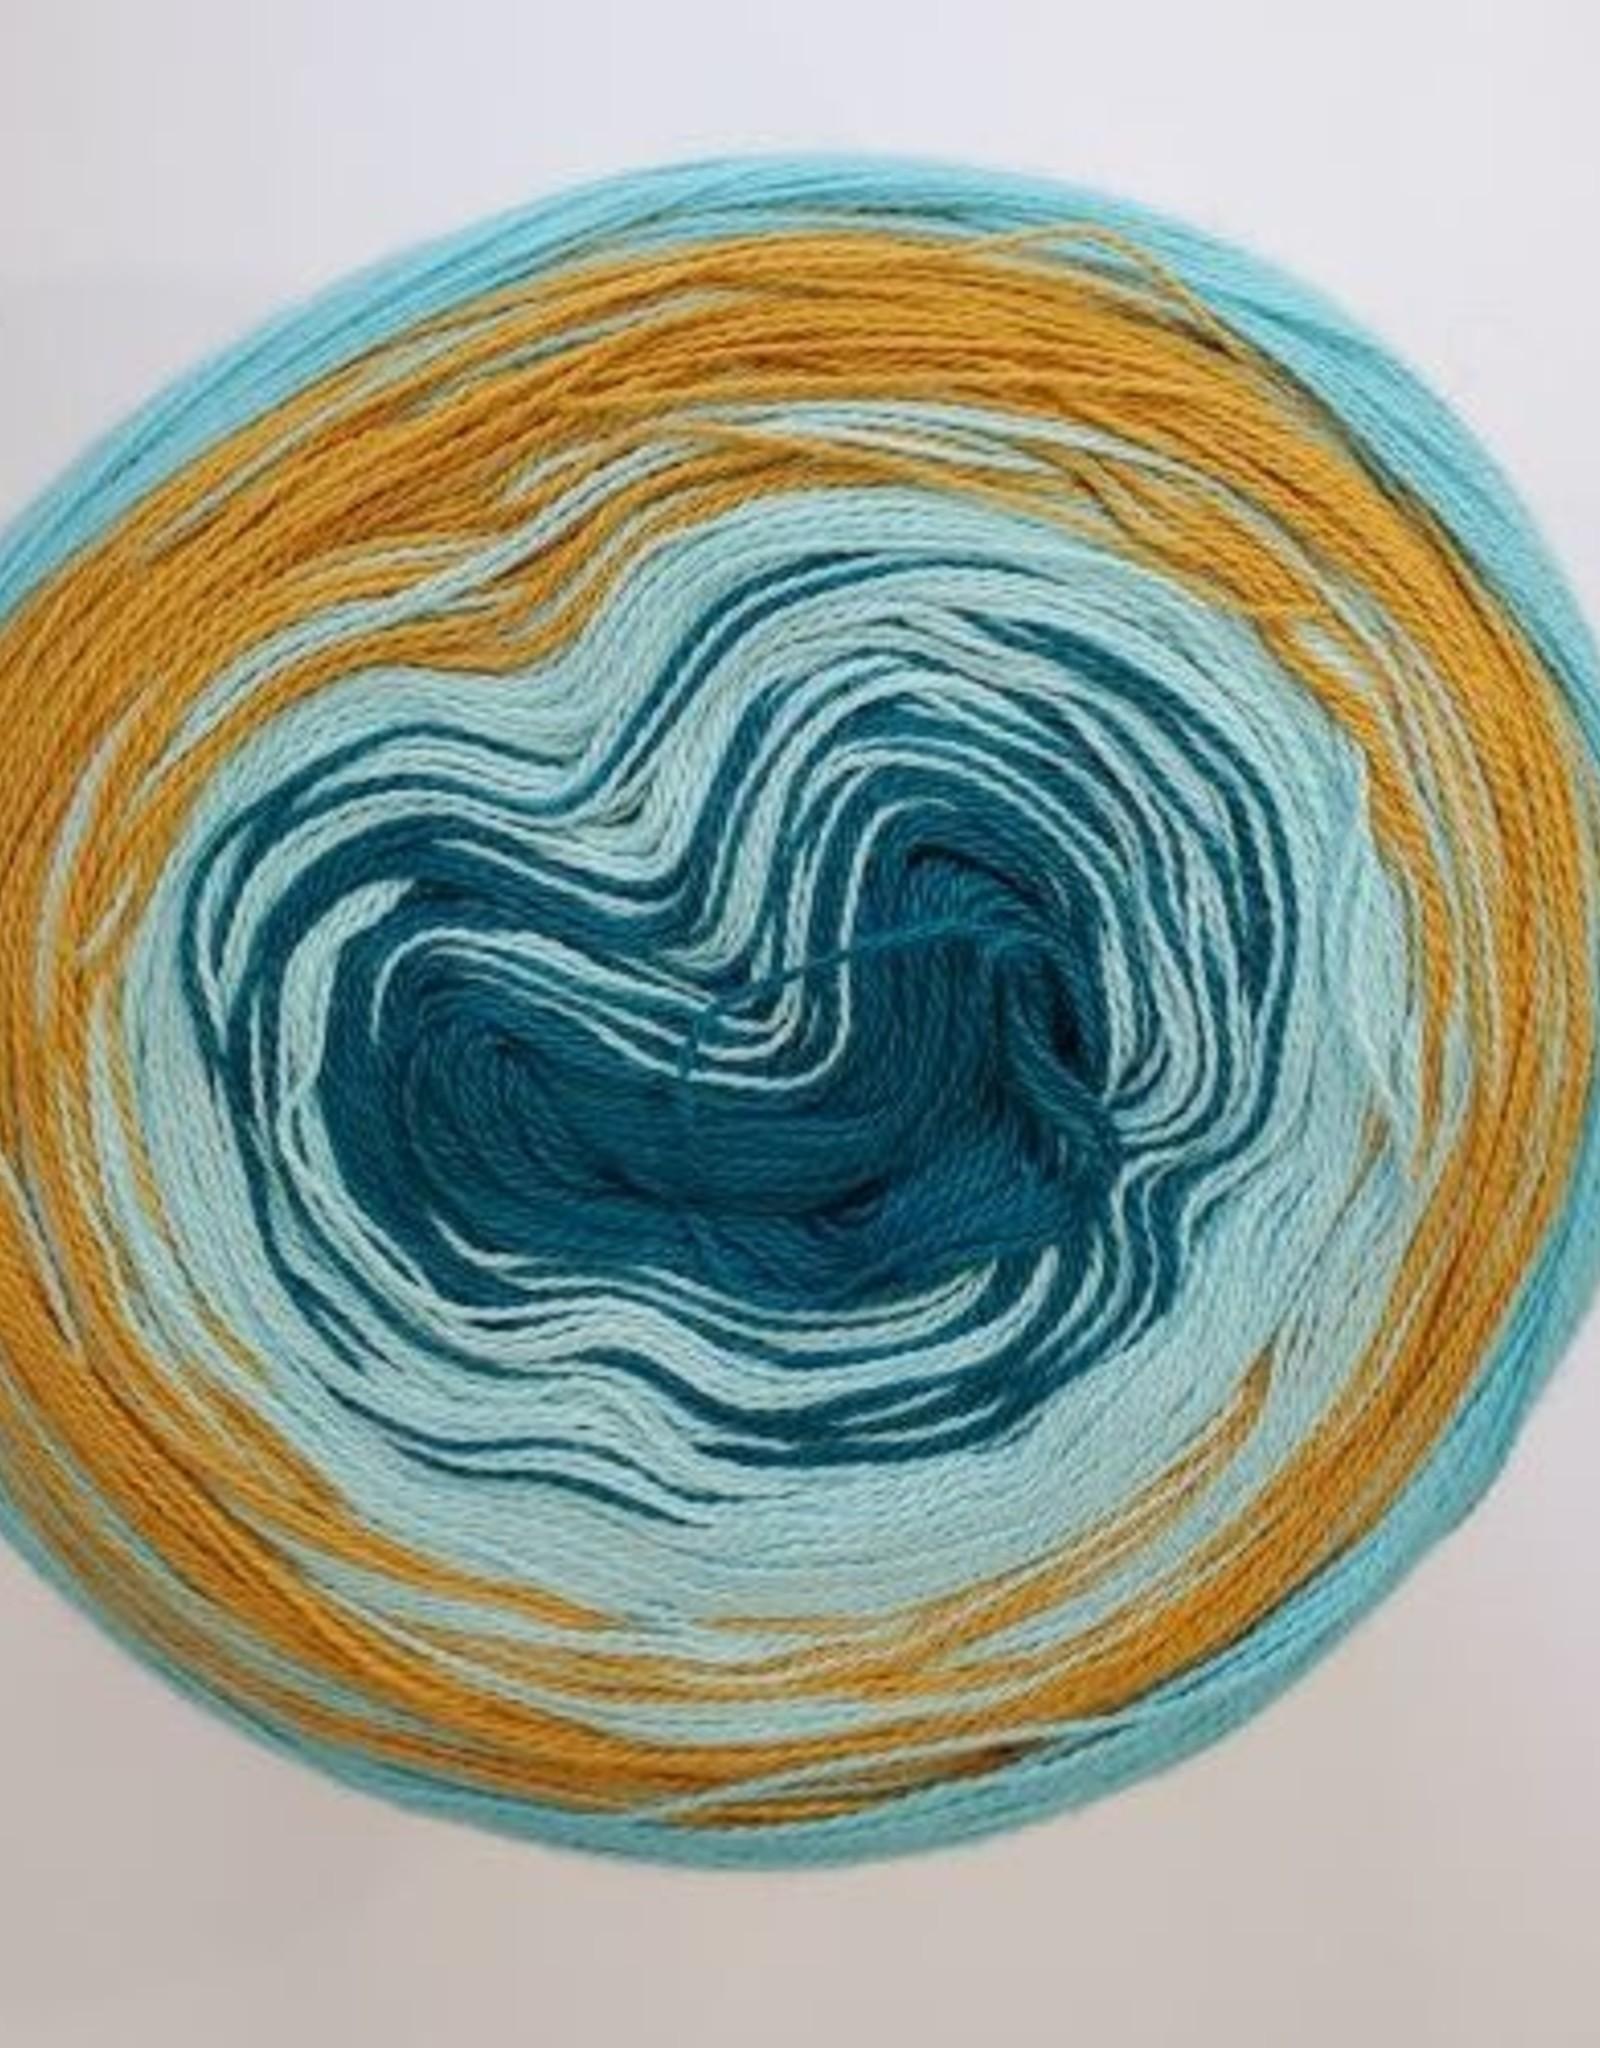 Concentric Cotton ~